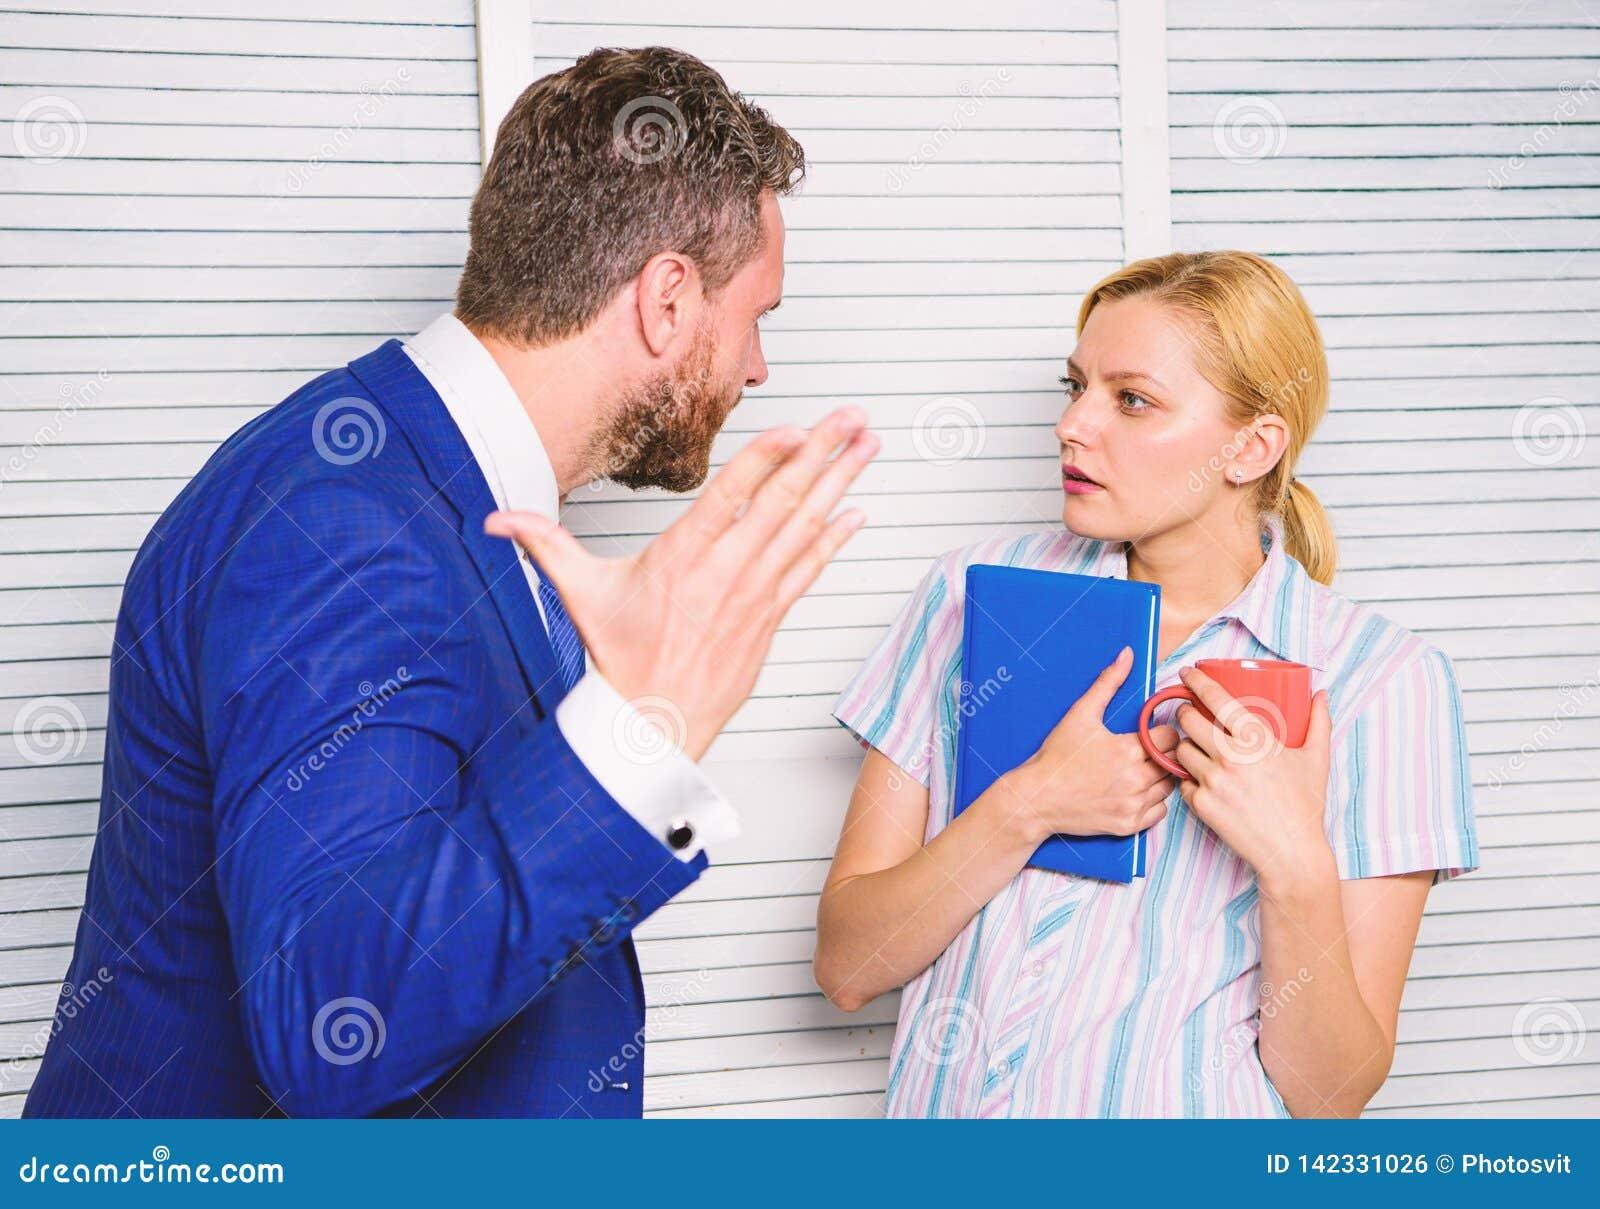 Misunderstanding between colleagues. Prejudice and personal attitude to employee. Tense conversation or quarrel between